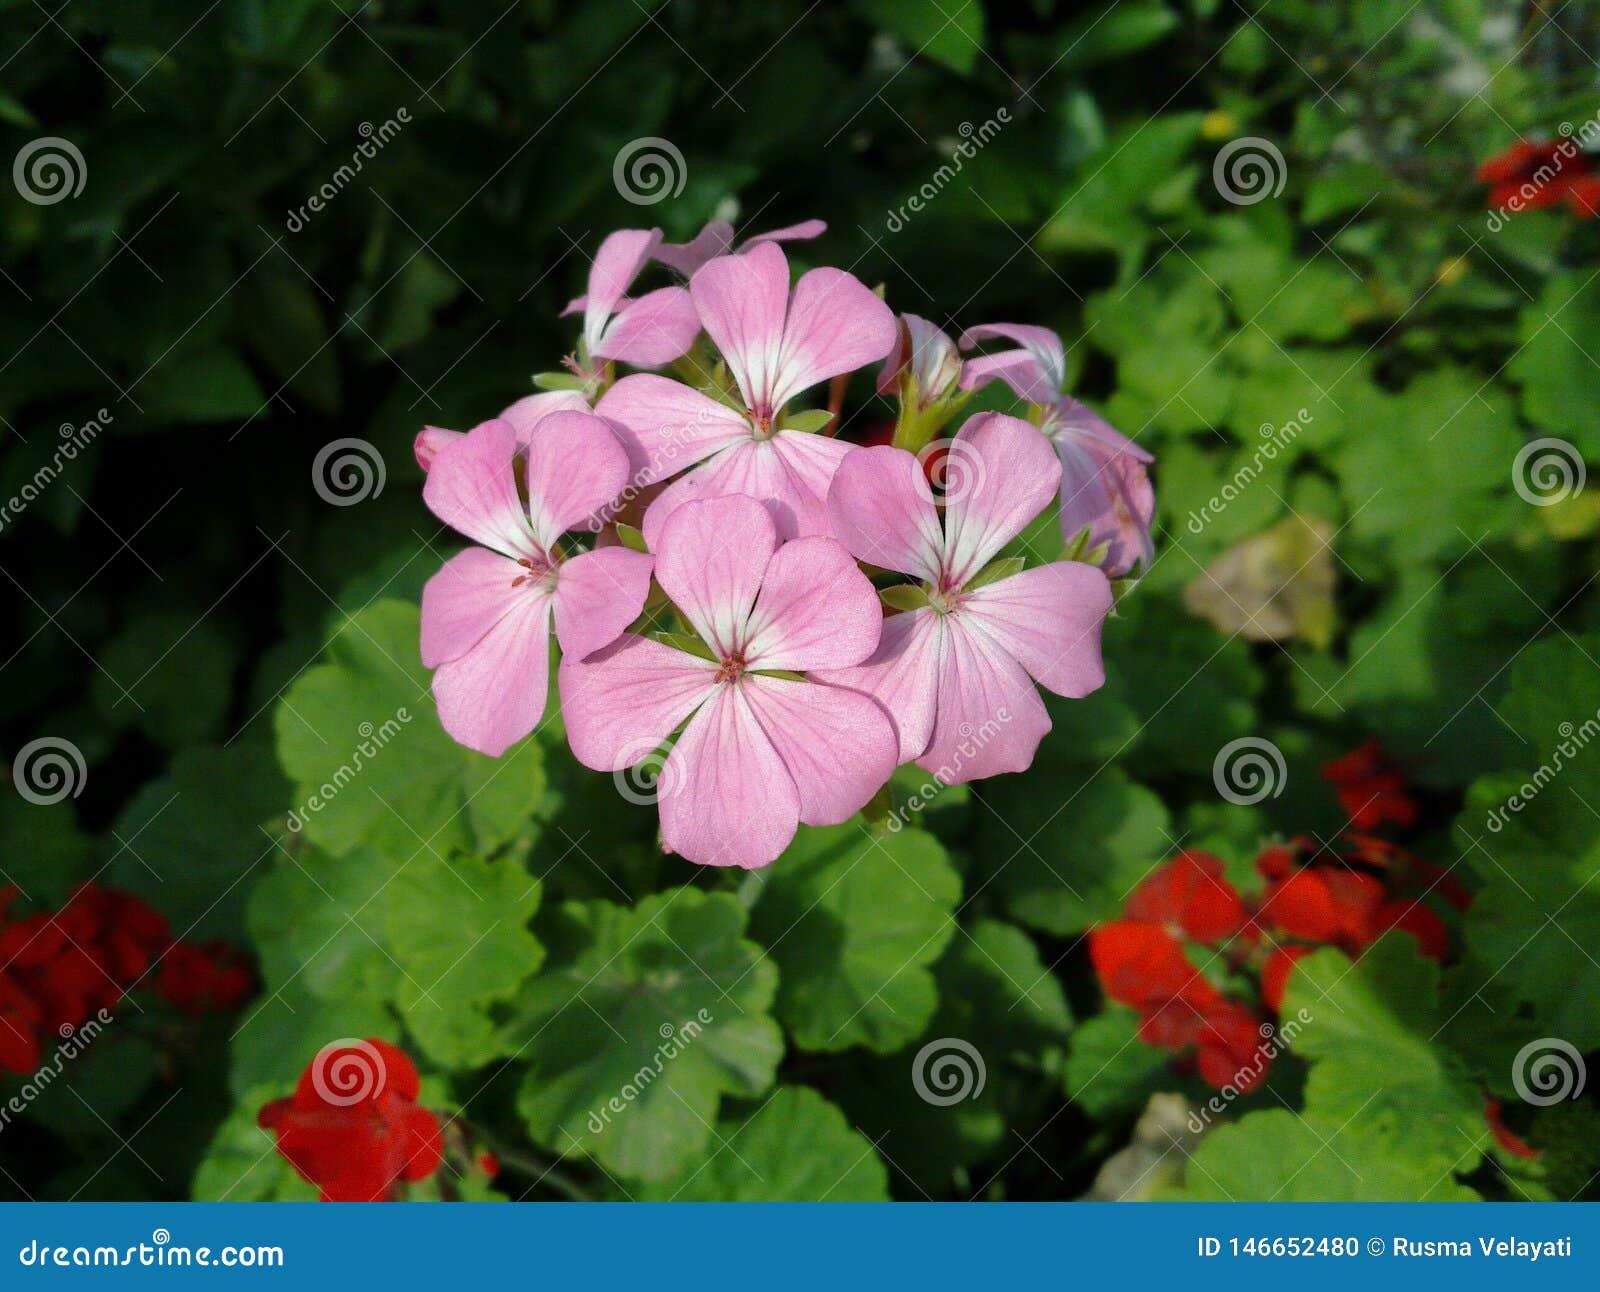 Closeup of pink geranium Pelargonium